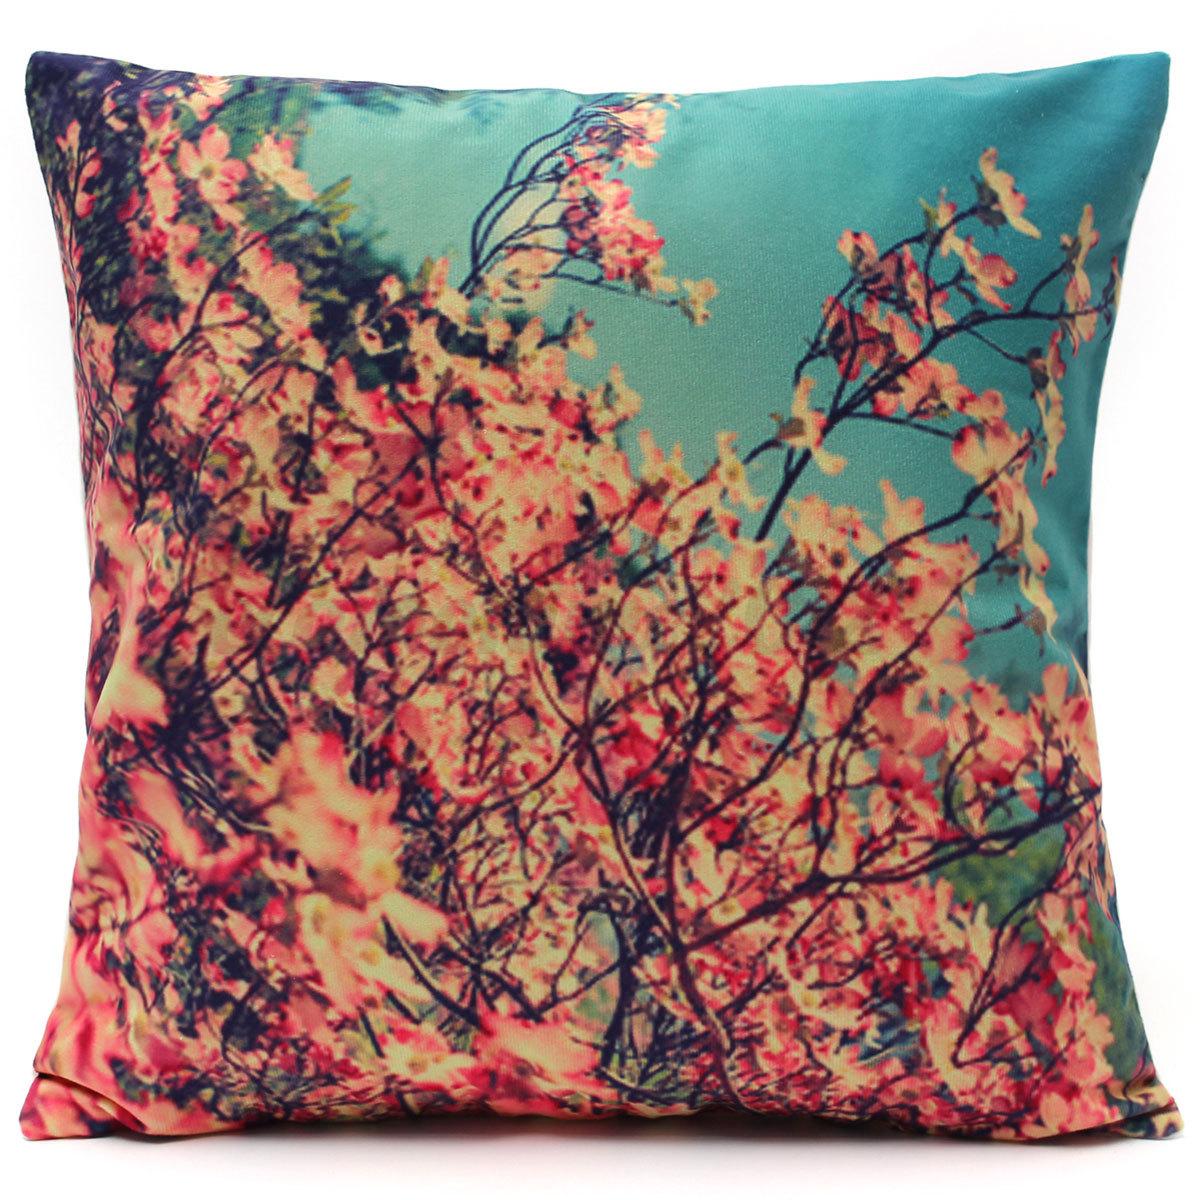 3d federa cuscino copricuscino cuscini fodere divano letto - Fodere cuscini divano ...